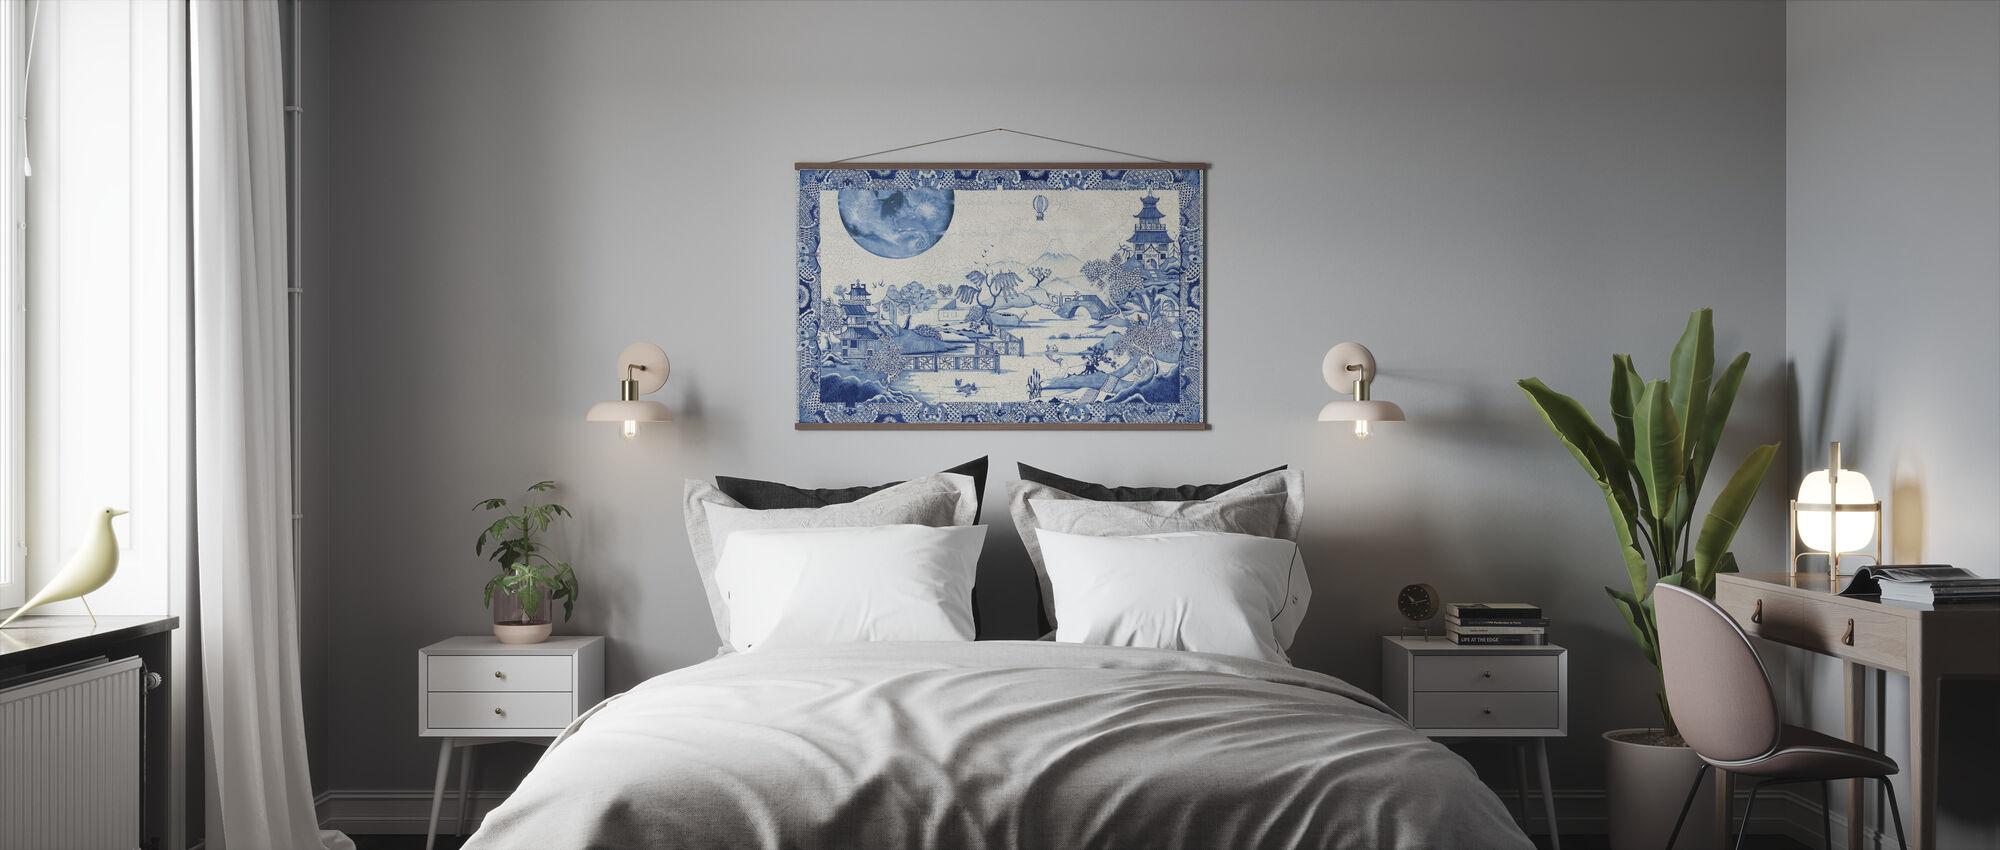 Blå månen galen - Poster - Sovrum